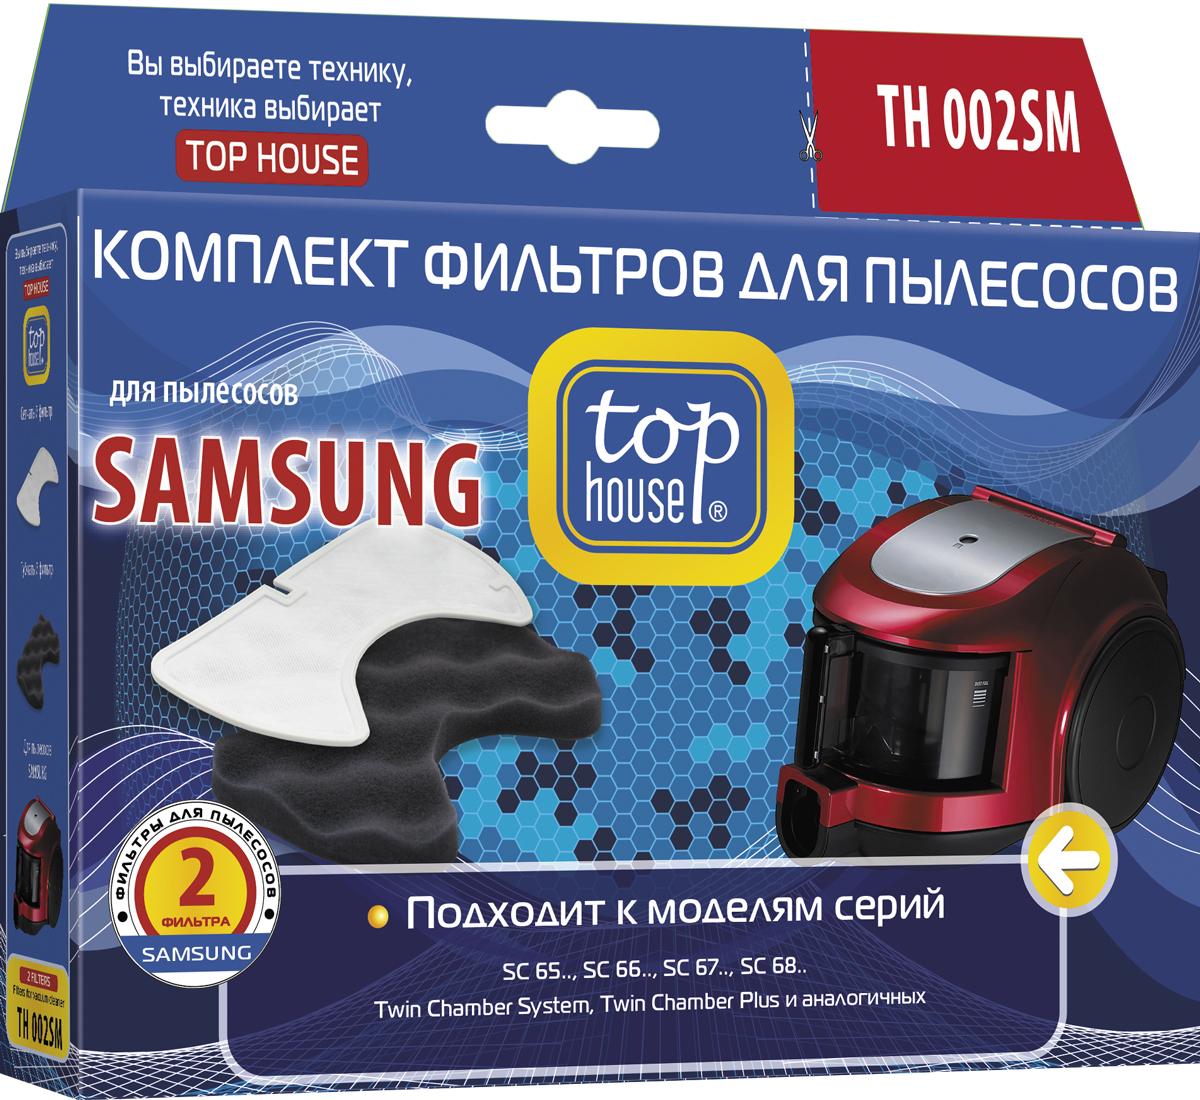 Top House TH 002SM комплект фильтров для пылесосов Samsung, 2 шт комплект фильтров top house th 003sm для пылесосов samsung 2 шт 4660003392838